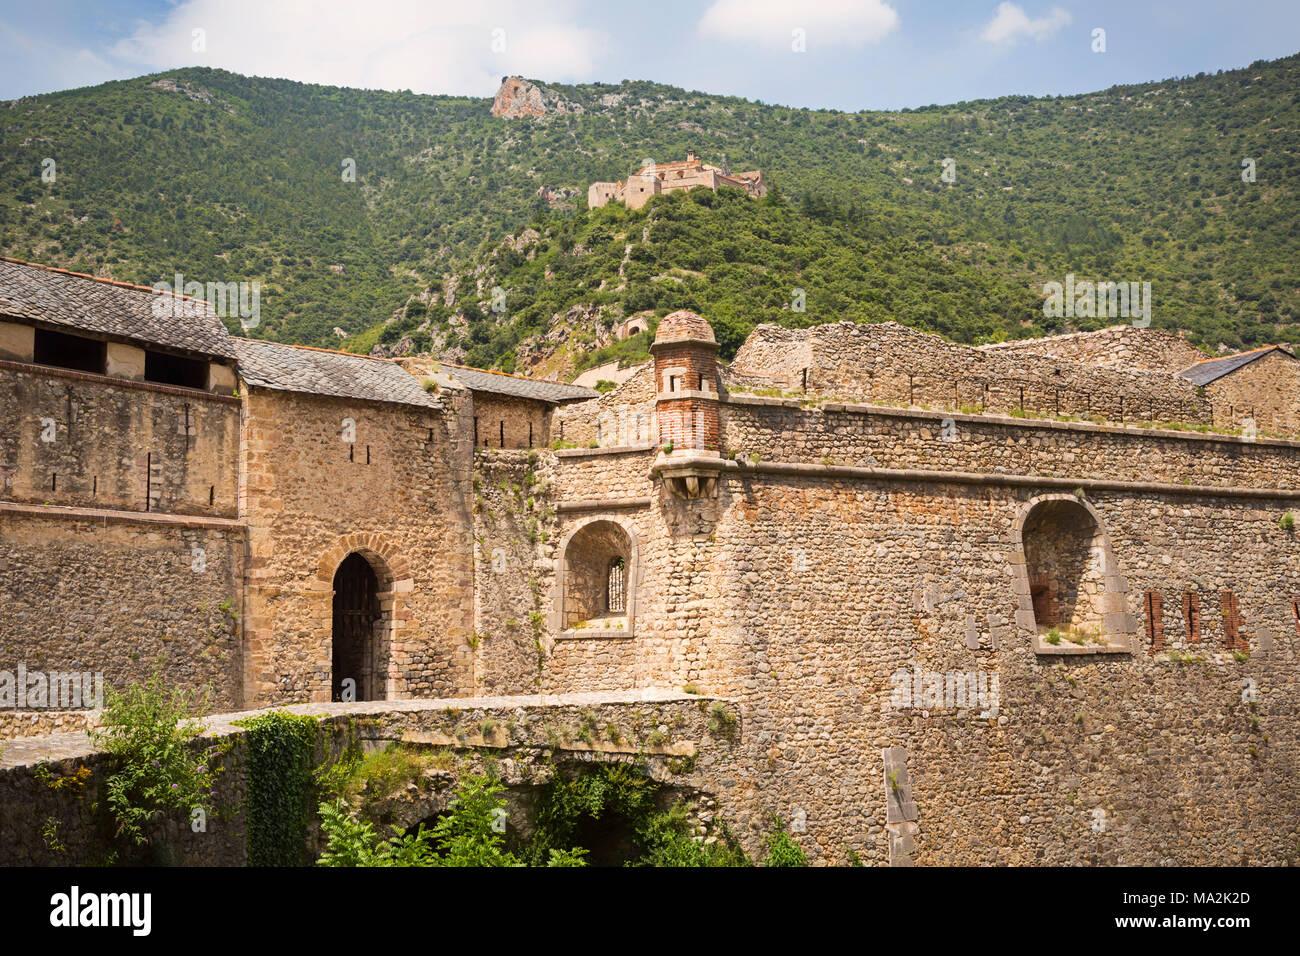 Fortifications designed by the Marquis de Vauban at Villefranche-de-Conflent, Pyrénées-Orientales Department, Languedoc-Roussillon, France.  Twelve gr - Stock Image